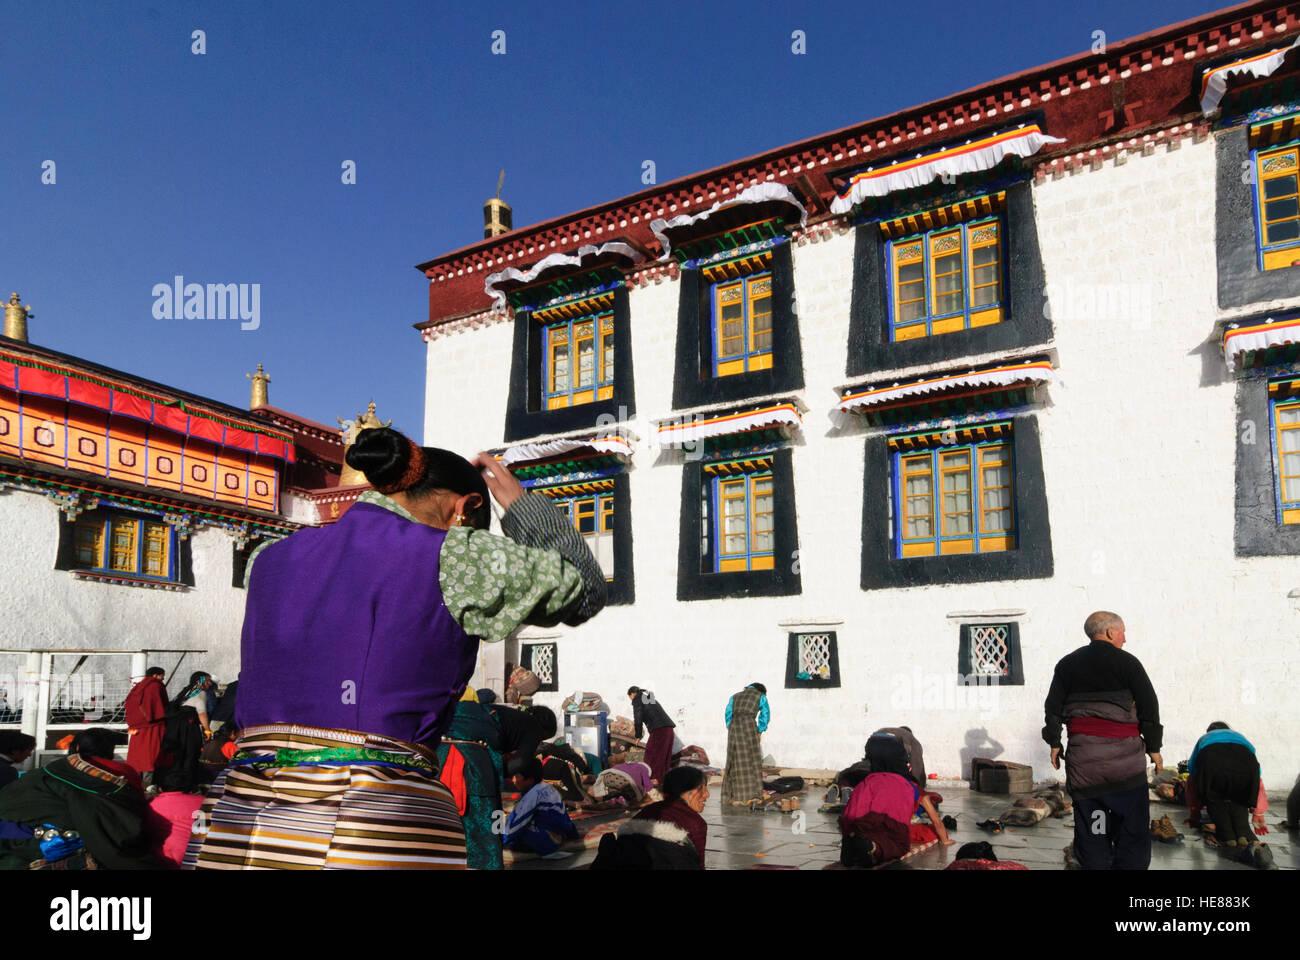 Lhasa: Jokhang Temple; Praying Tibetans, Tibet, China - Stock Image